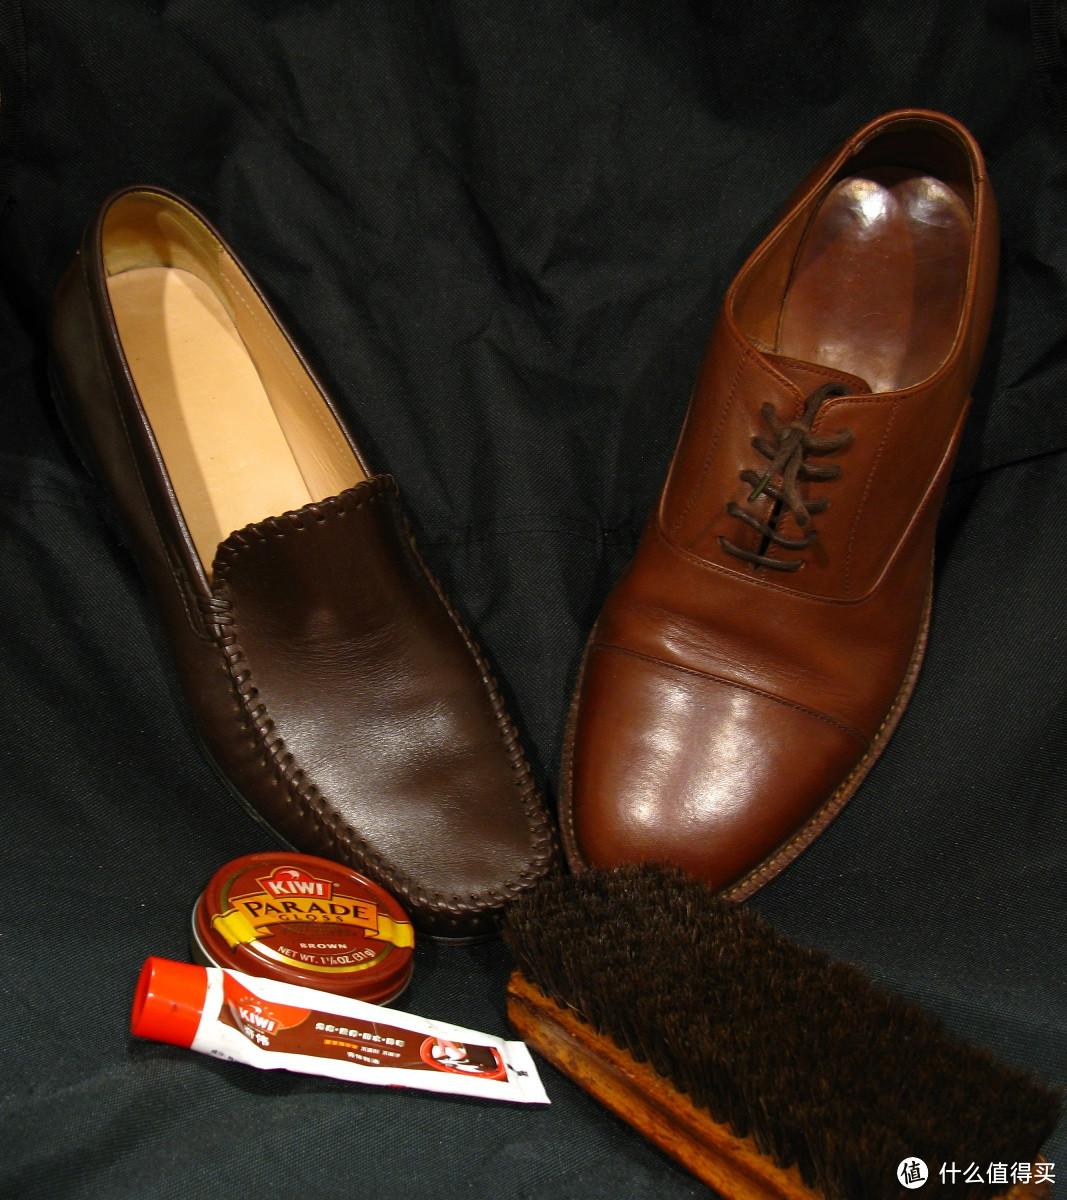 入门级男士正装皮鞋鉴别经验 兼谈私人订制心得